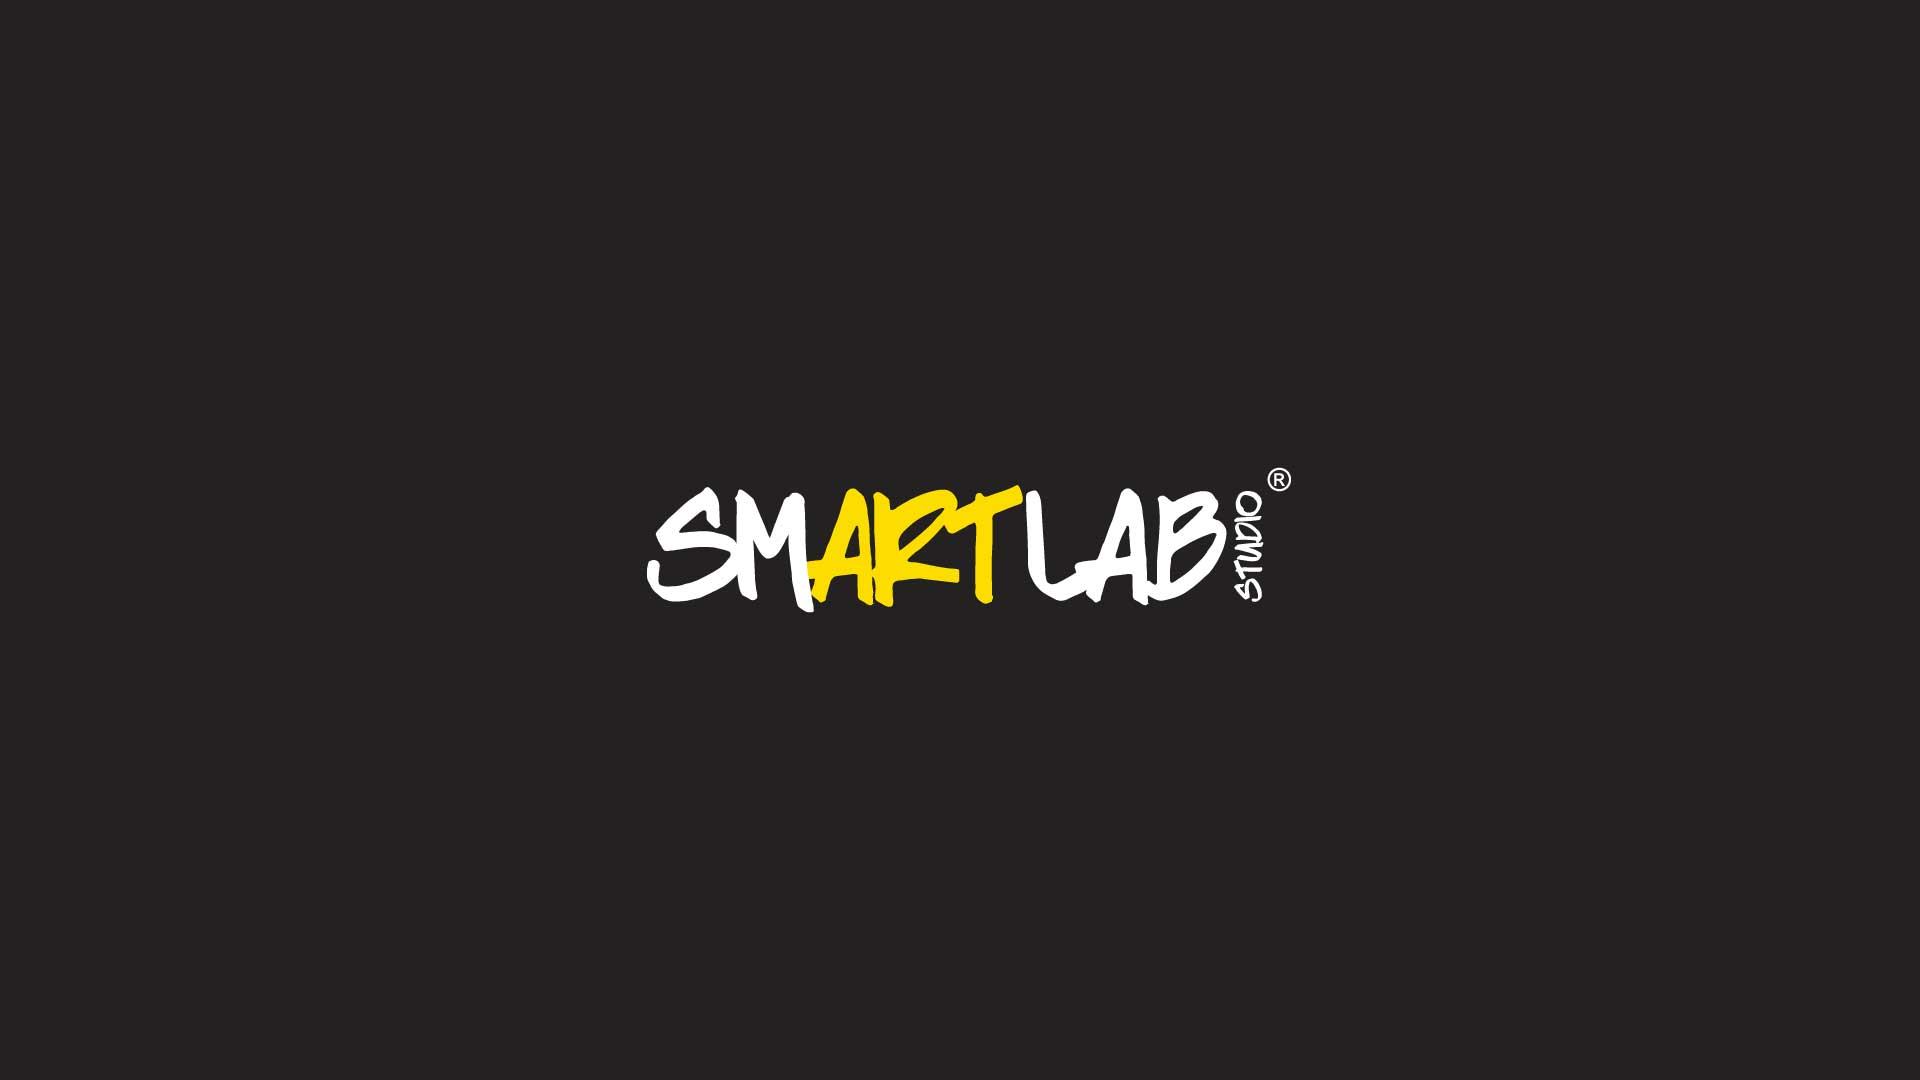 Logo SMARTLAB STUDIO